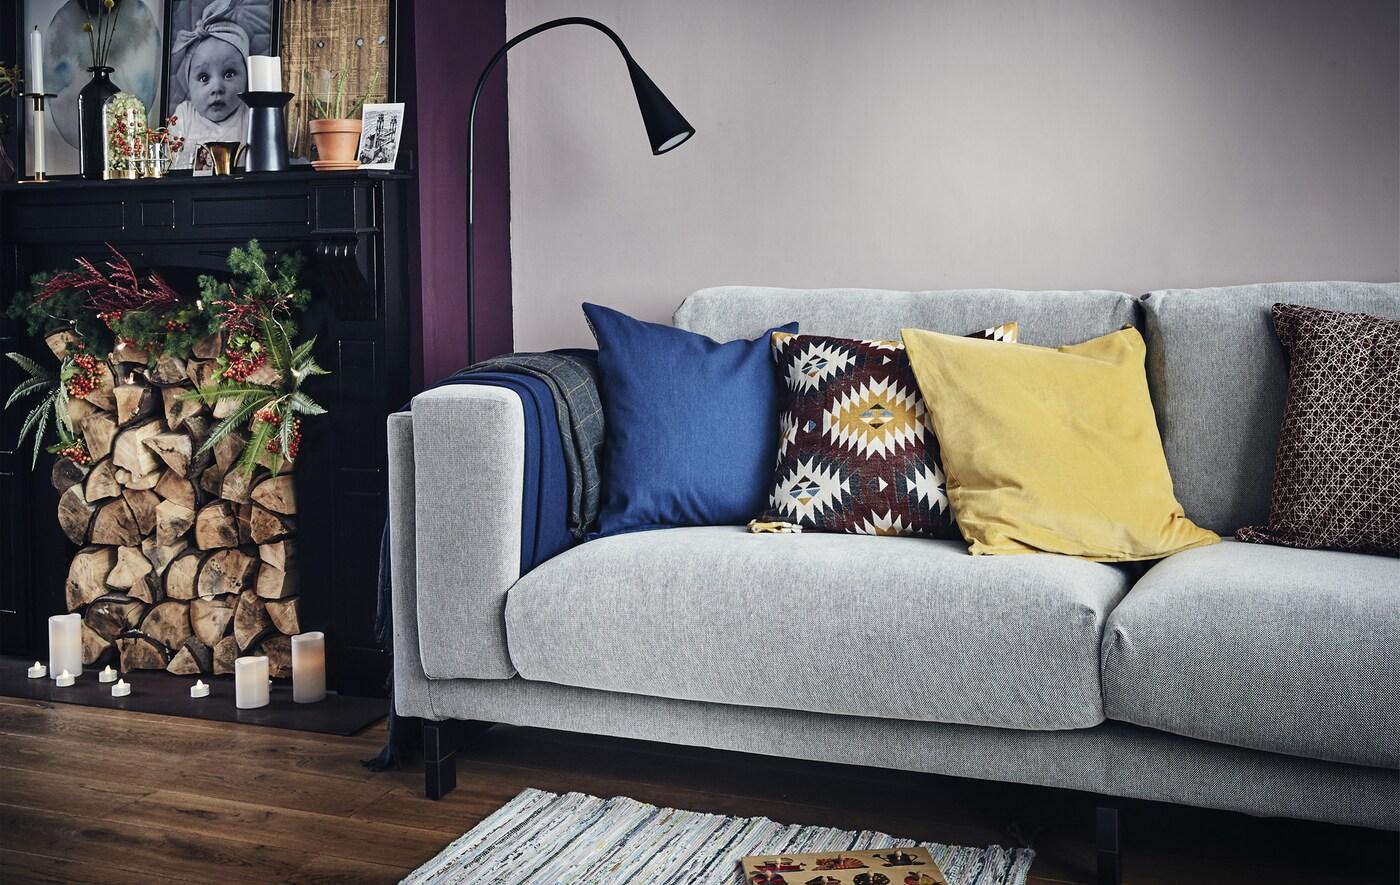 Séjour avec canapé gris, luminaire et cheminée remplie de bûches.